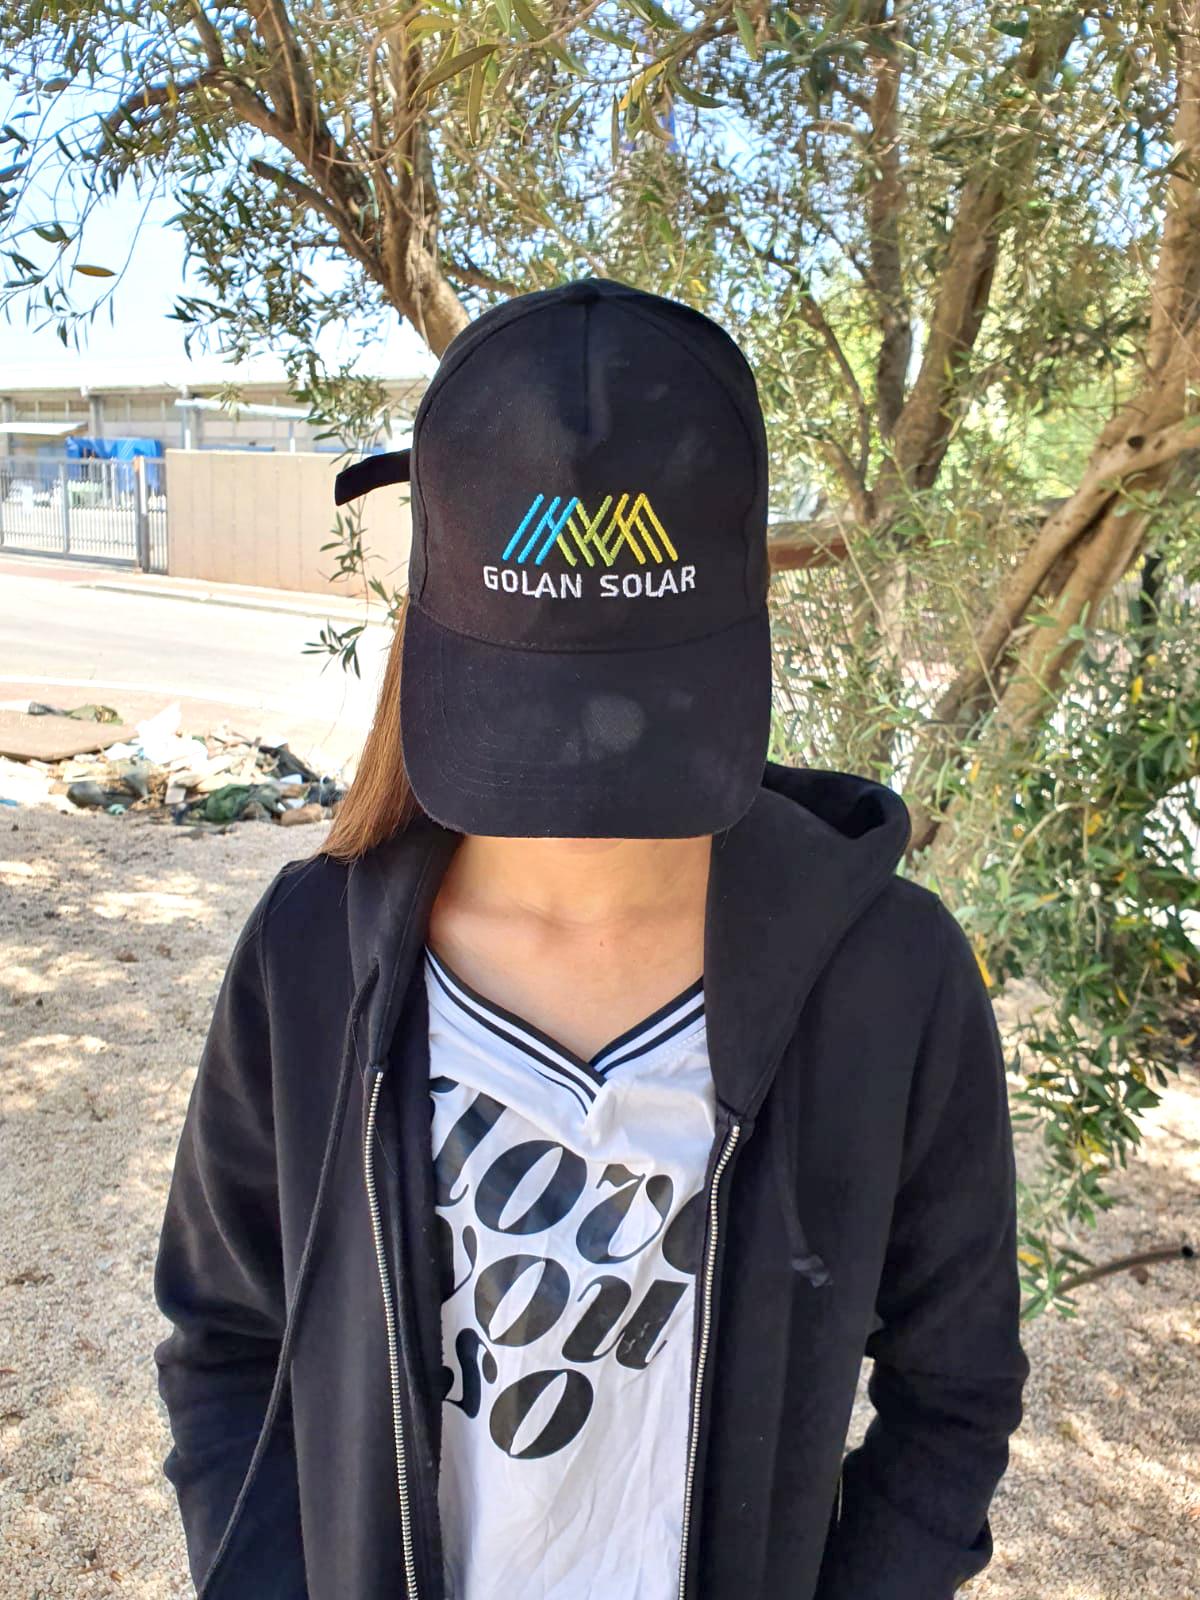 כובע עם רקמה לוגו עבור גולן סולר